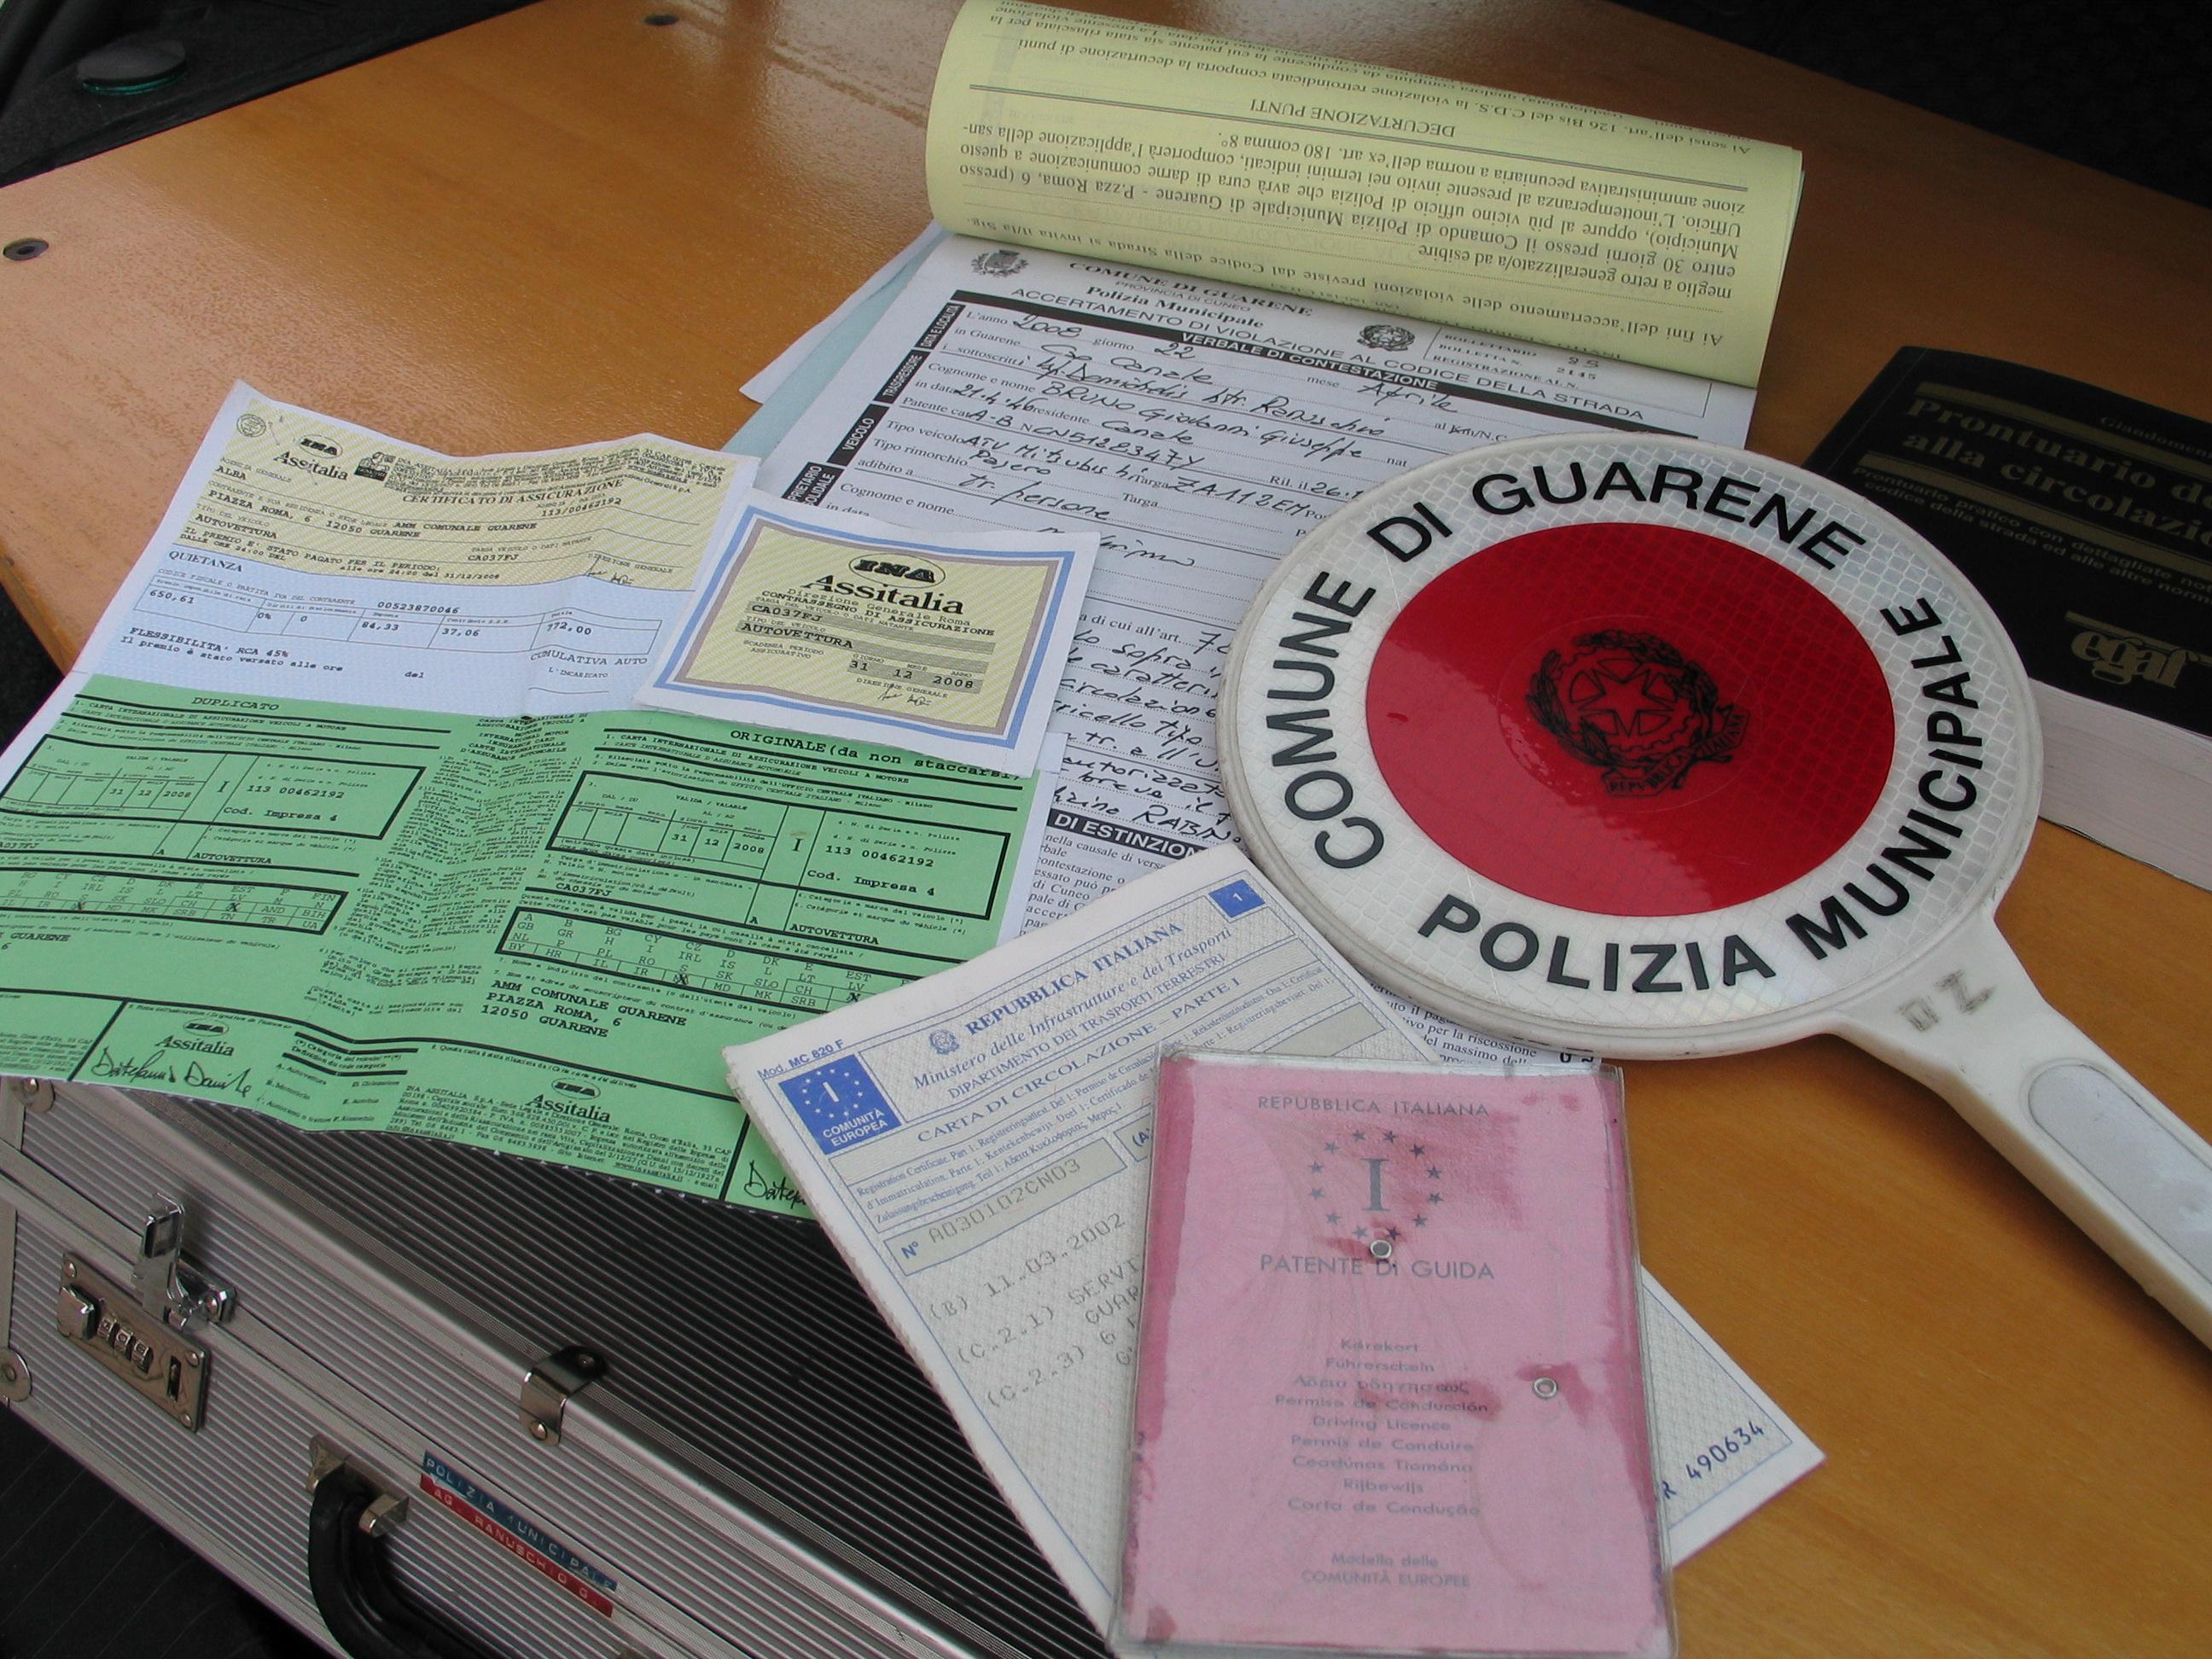 polizia locale Guarene 2